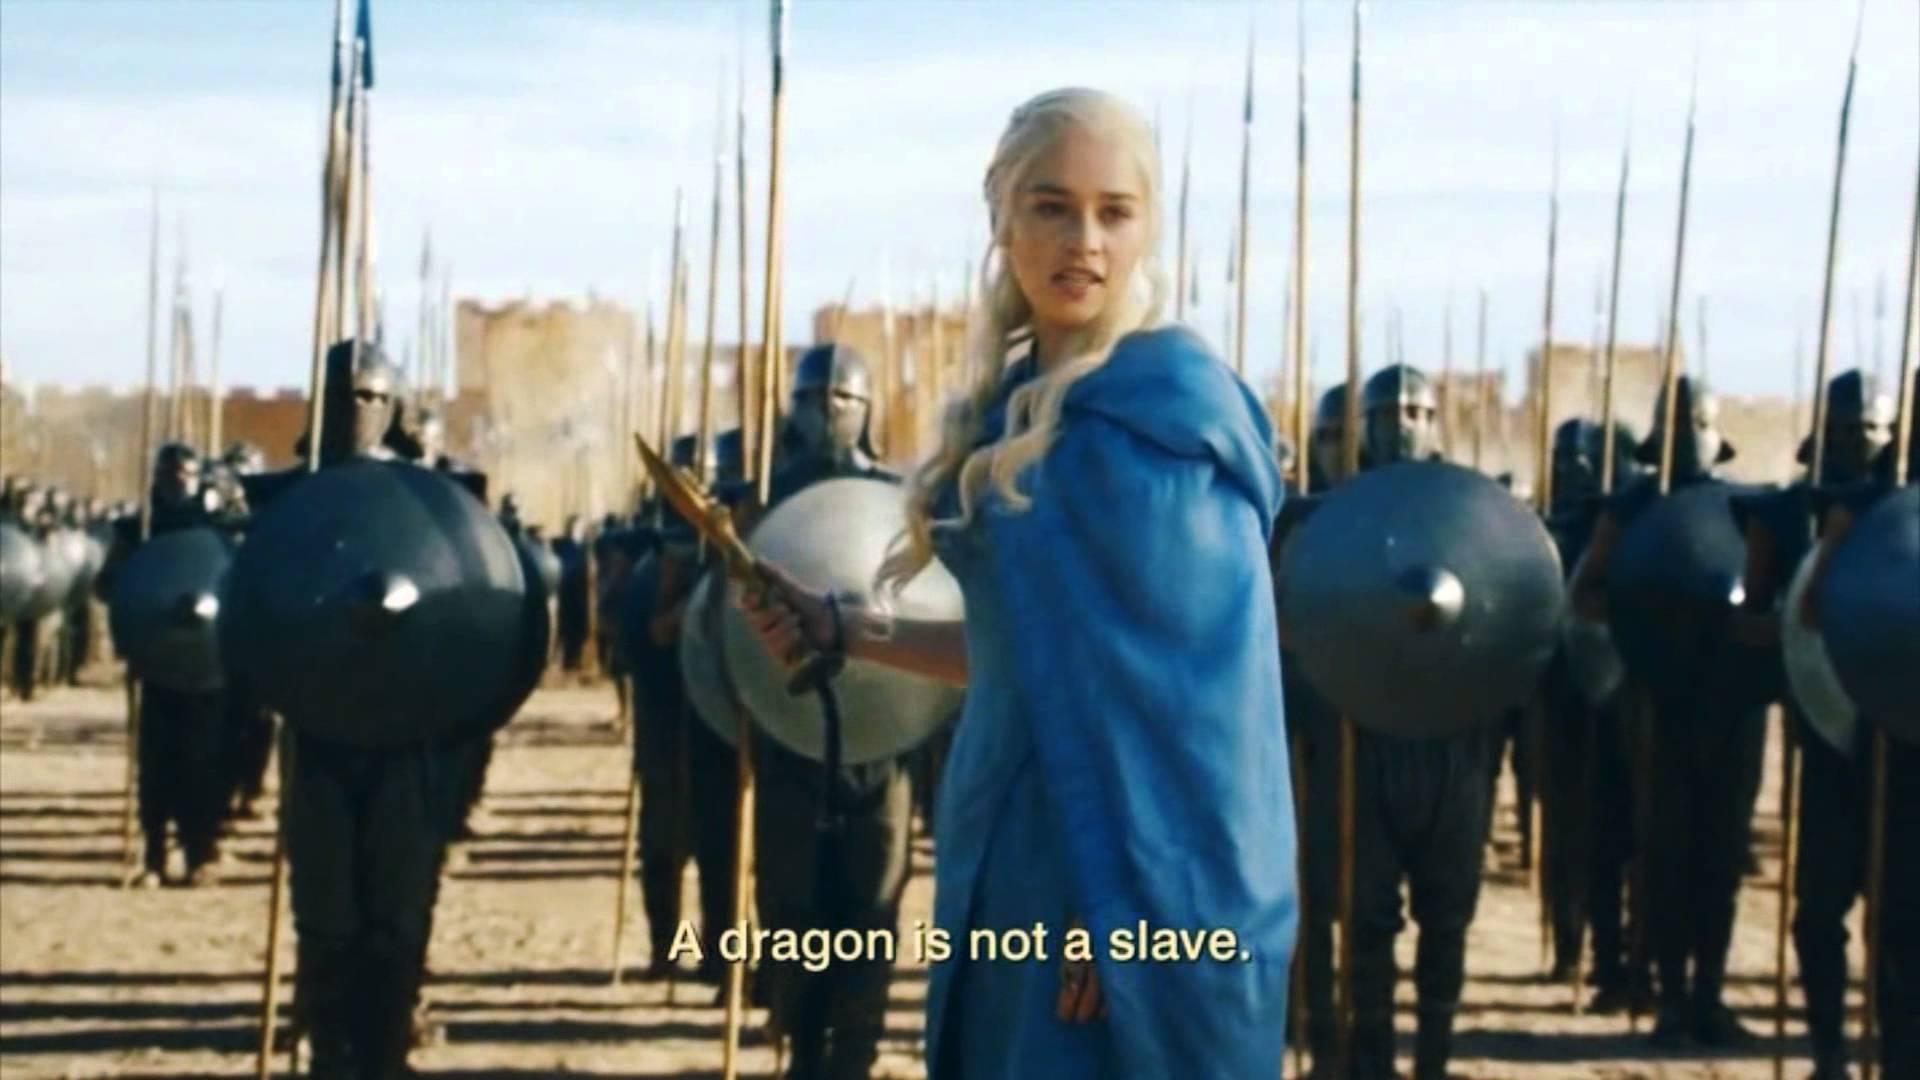 Un dragon n'est pas un esclave